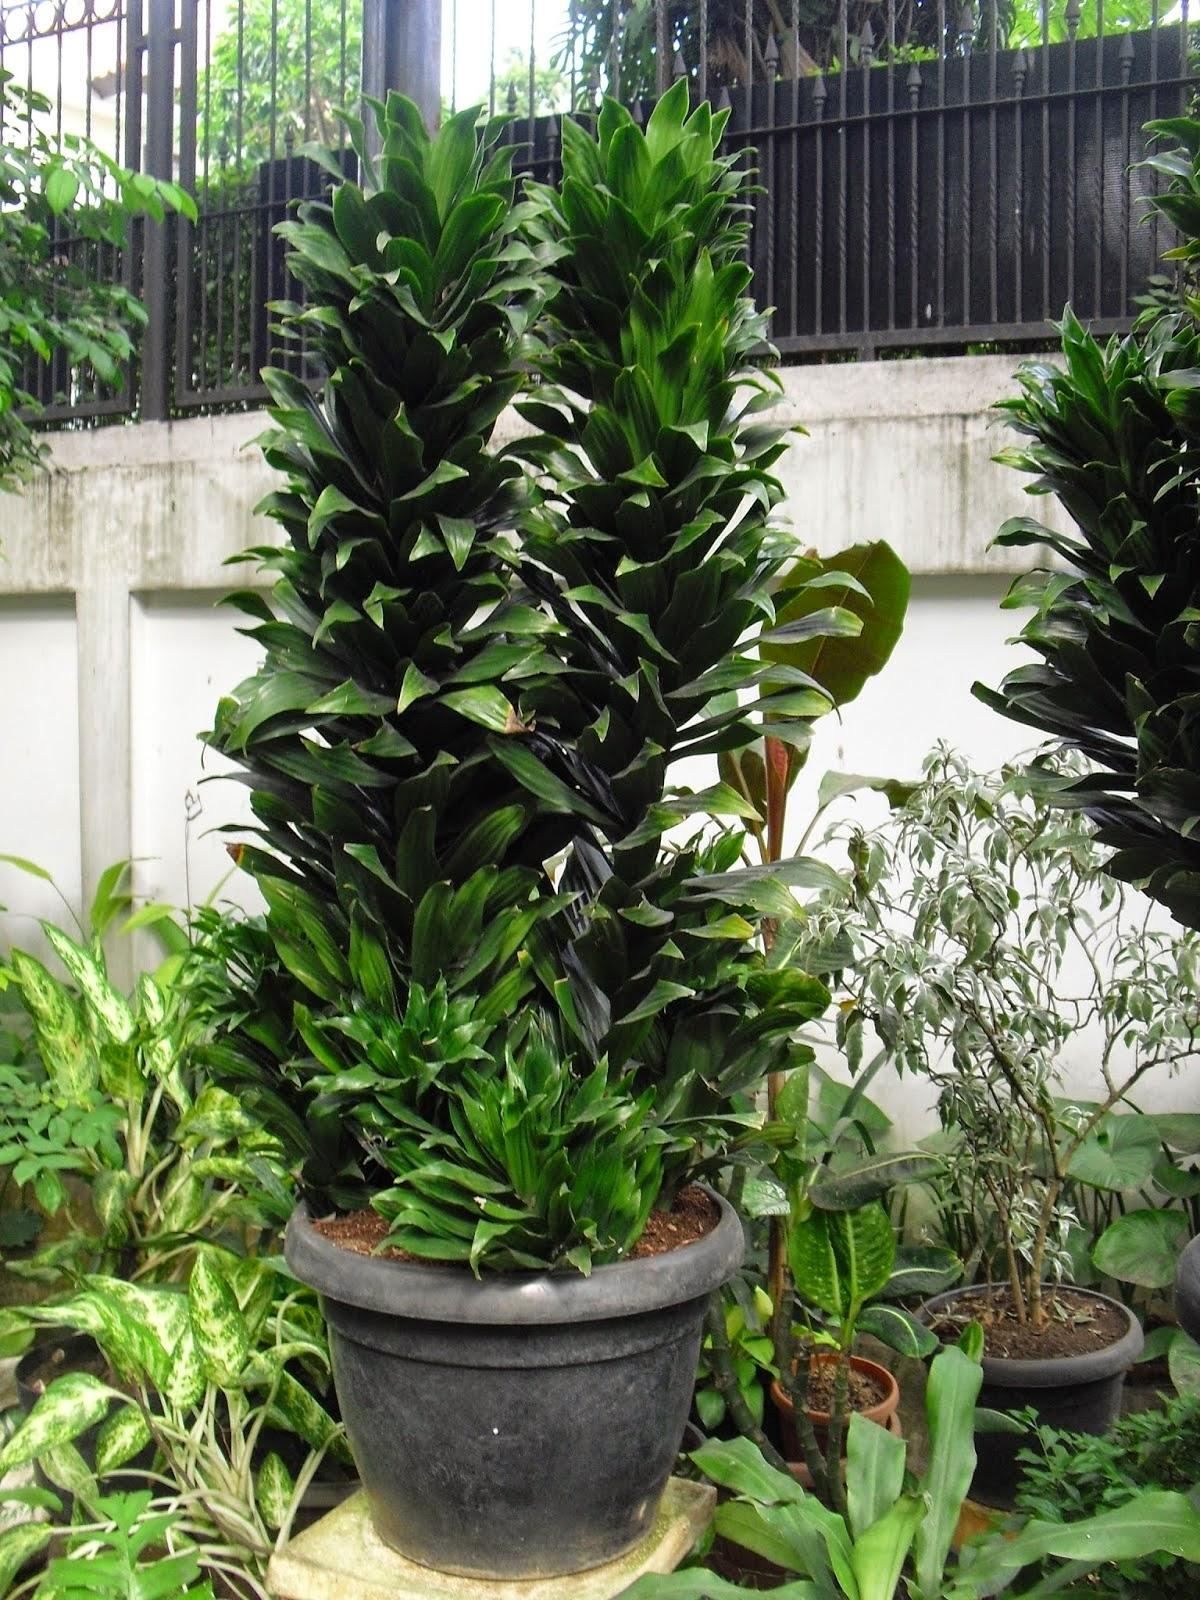 Jual pohon anjuang (kemoceng) | suplier tanaman | tanaman hias | jaJUAL POHON HANJUANG (KEMOCENG) | SUPLIER TANAMAN HIAS | JASA TUKANG TAMAN | RUMPUT TAMANsa desain taman